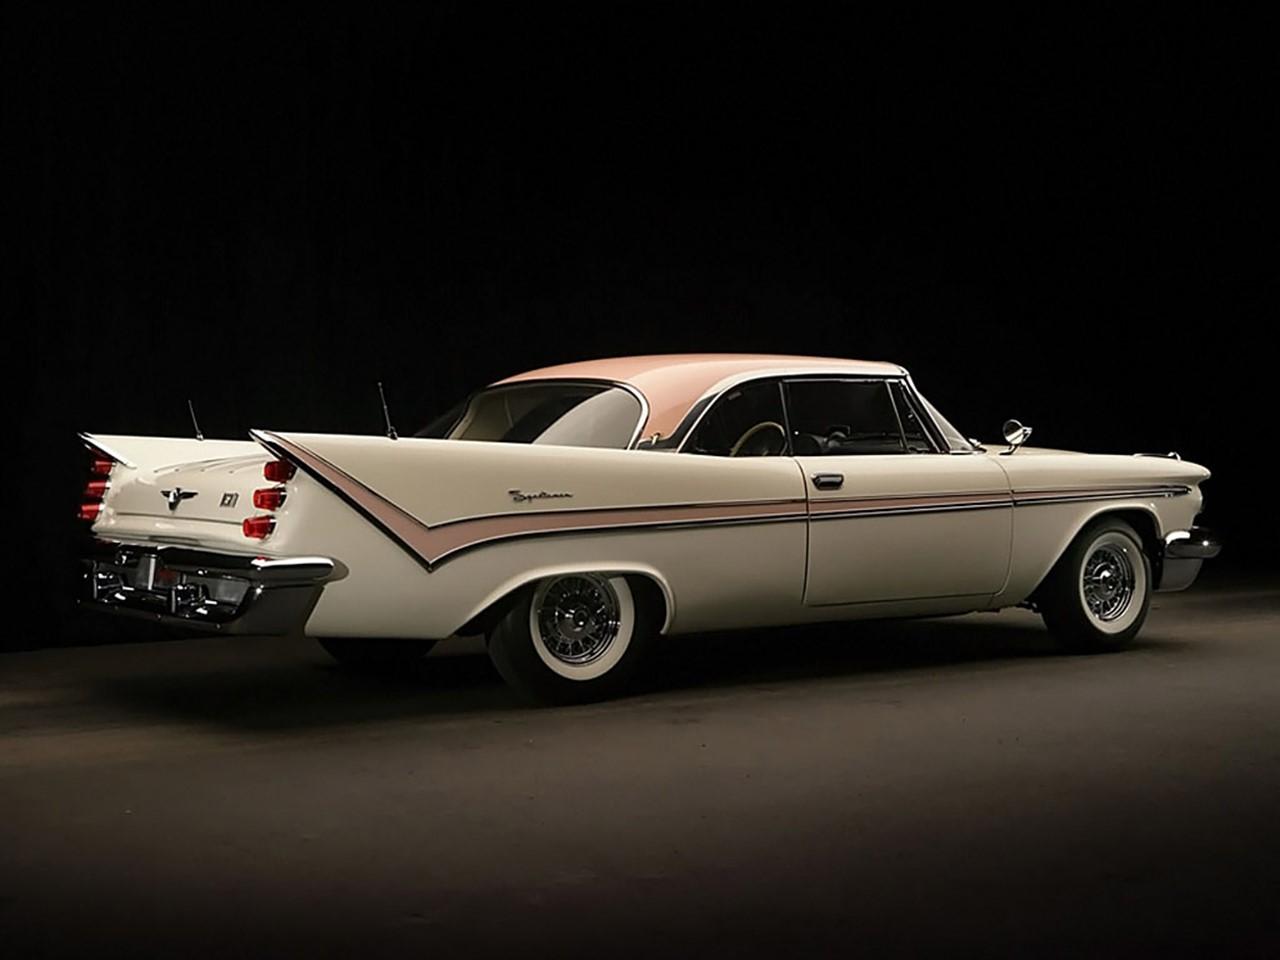 1959DeSotoFiresweep 2-door hardtop1